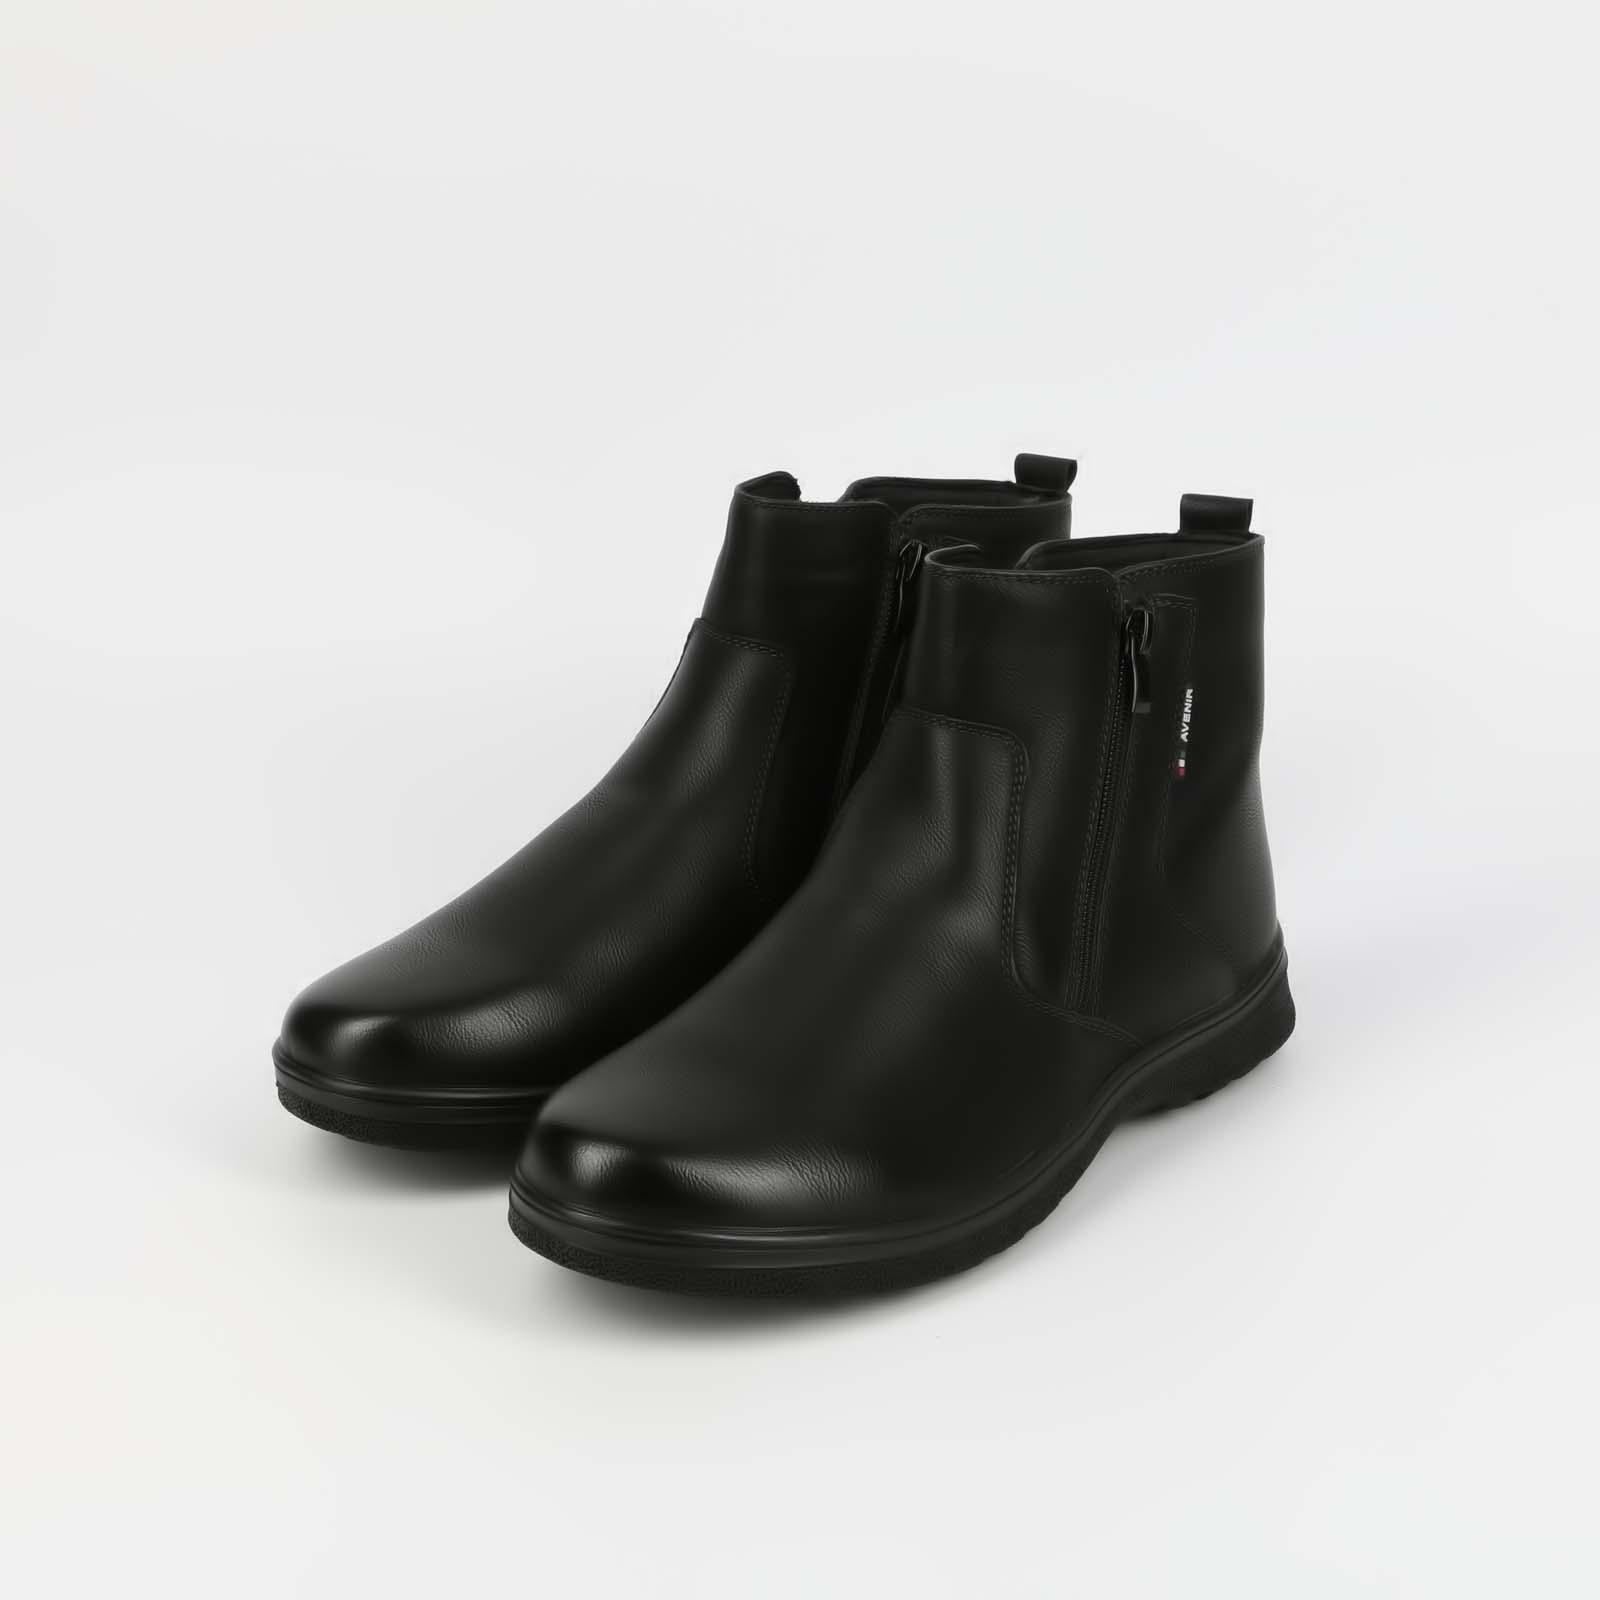 Ботинки мужские с отстрочкой